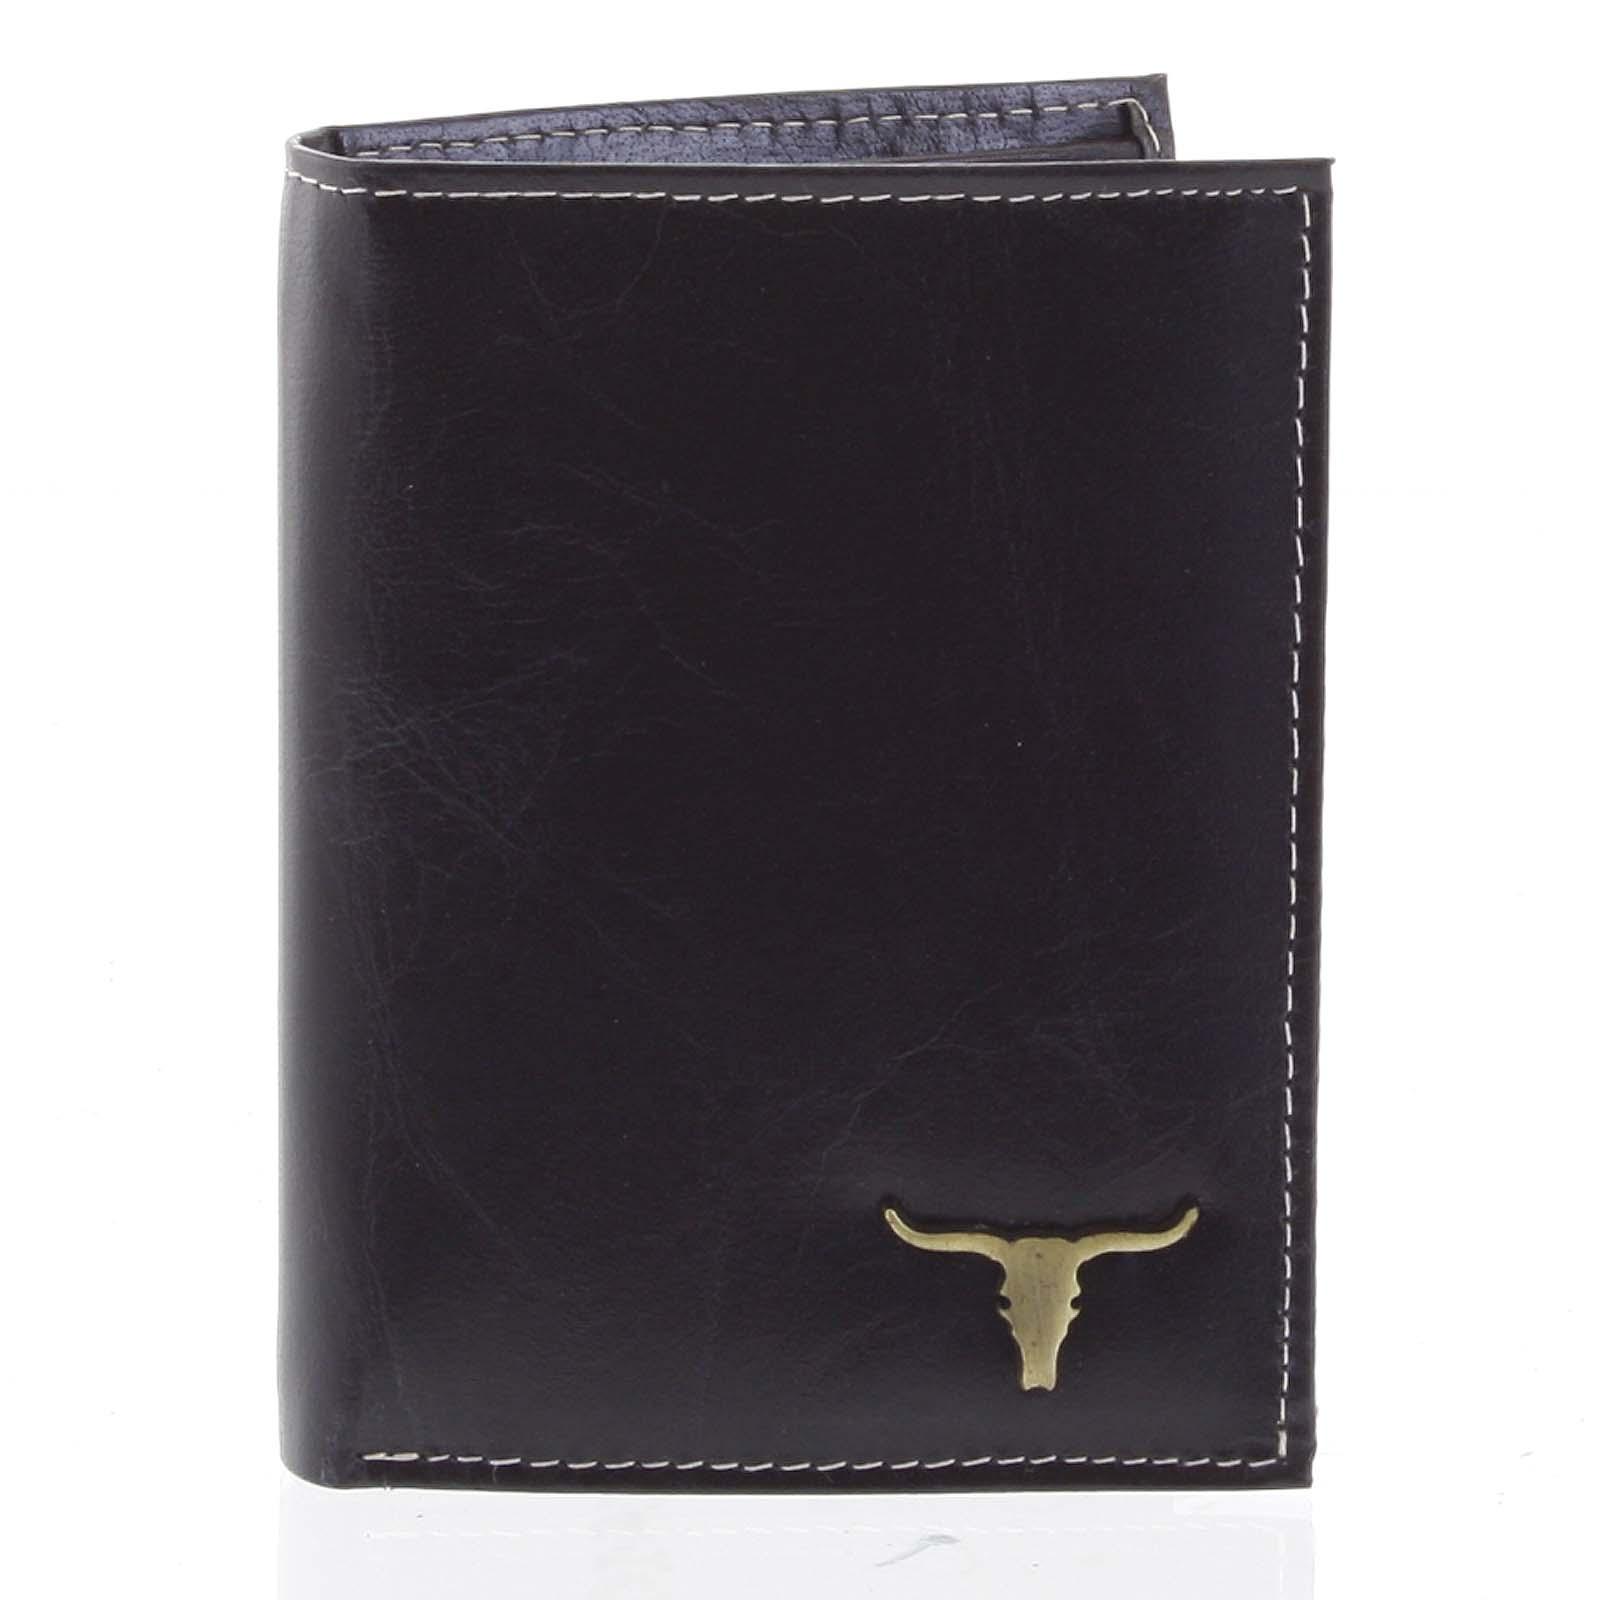 Elegantná pánska kožená peňaženka čierna - BUFFALO Amasai čierna